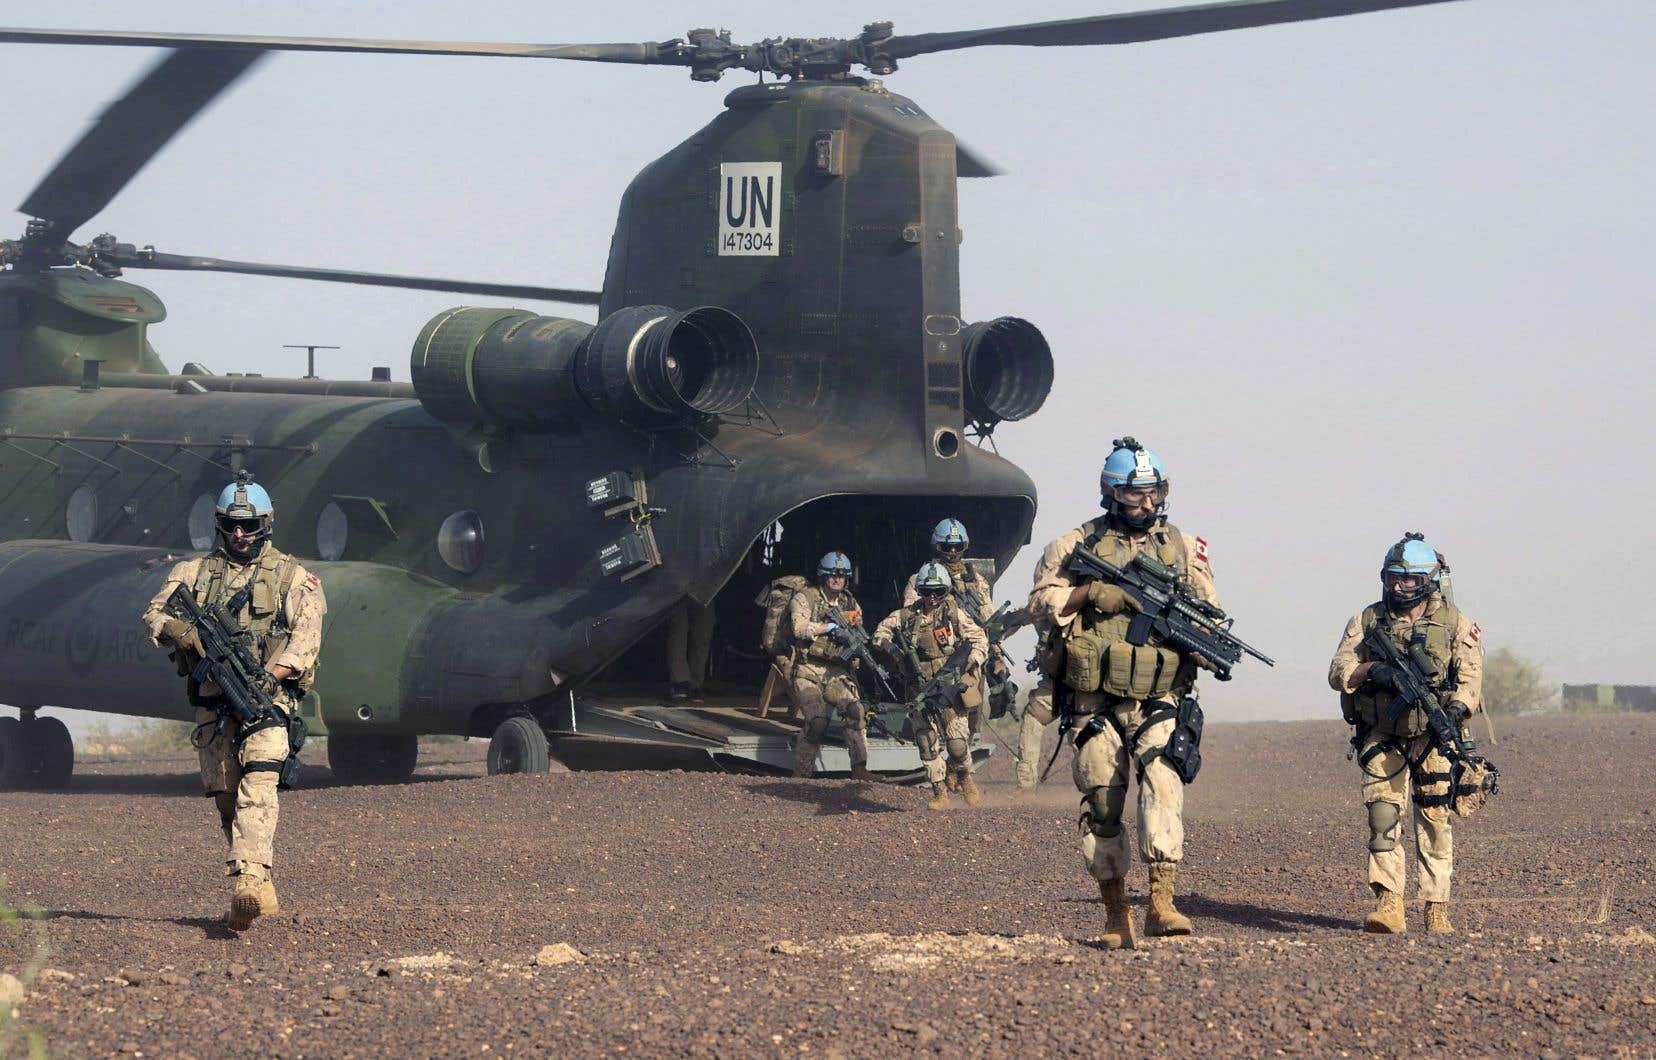 L'armée canadienne se concentre pour le moment sur sa mission d'hélicoptères au Mali, a indiqué le porte-parole de la Défense.